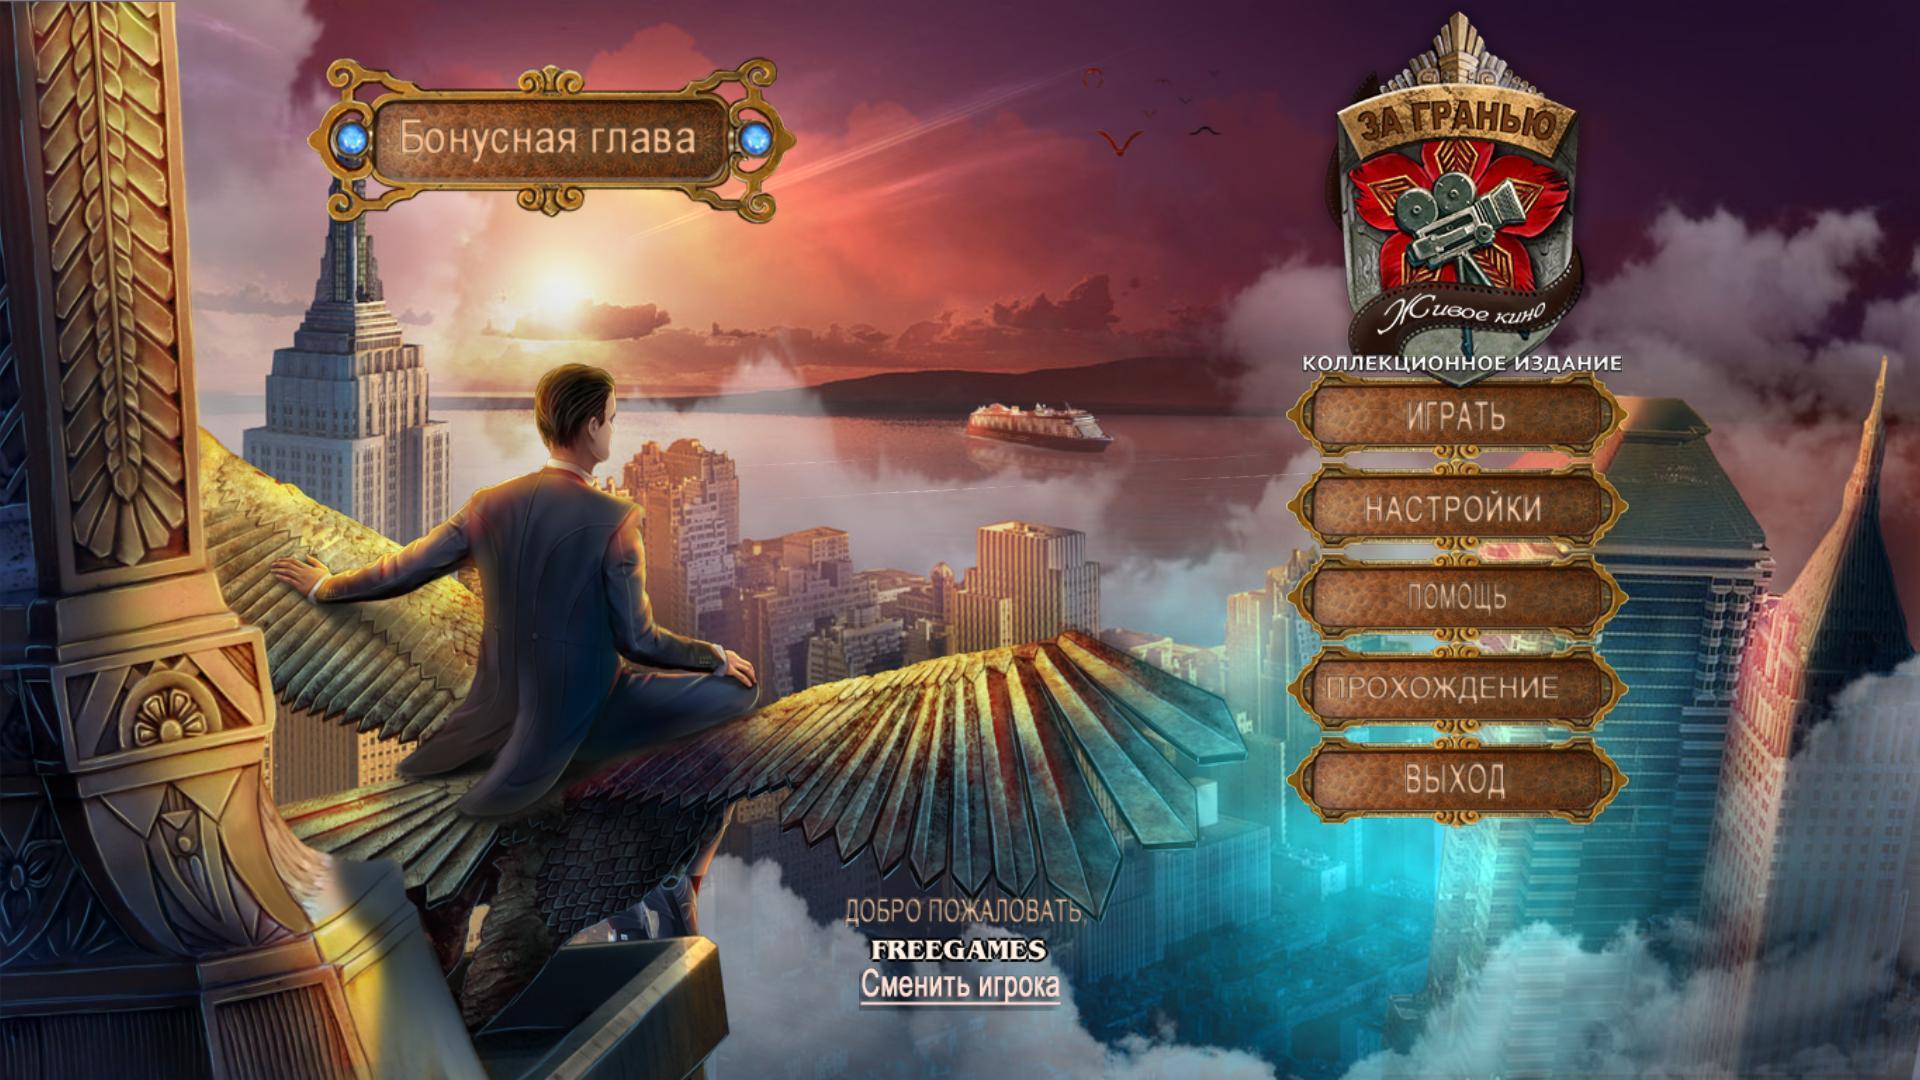 За гранью 5: Живое кино. Коллекционное издание | Surface 5: Reel Life CE (Rus)